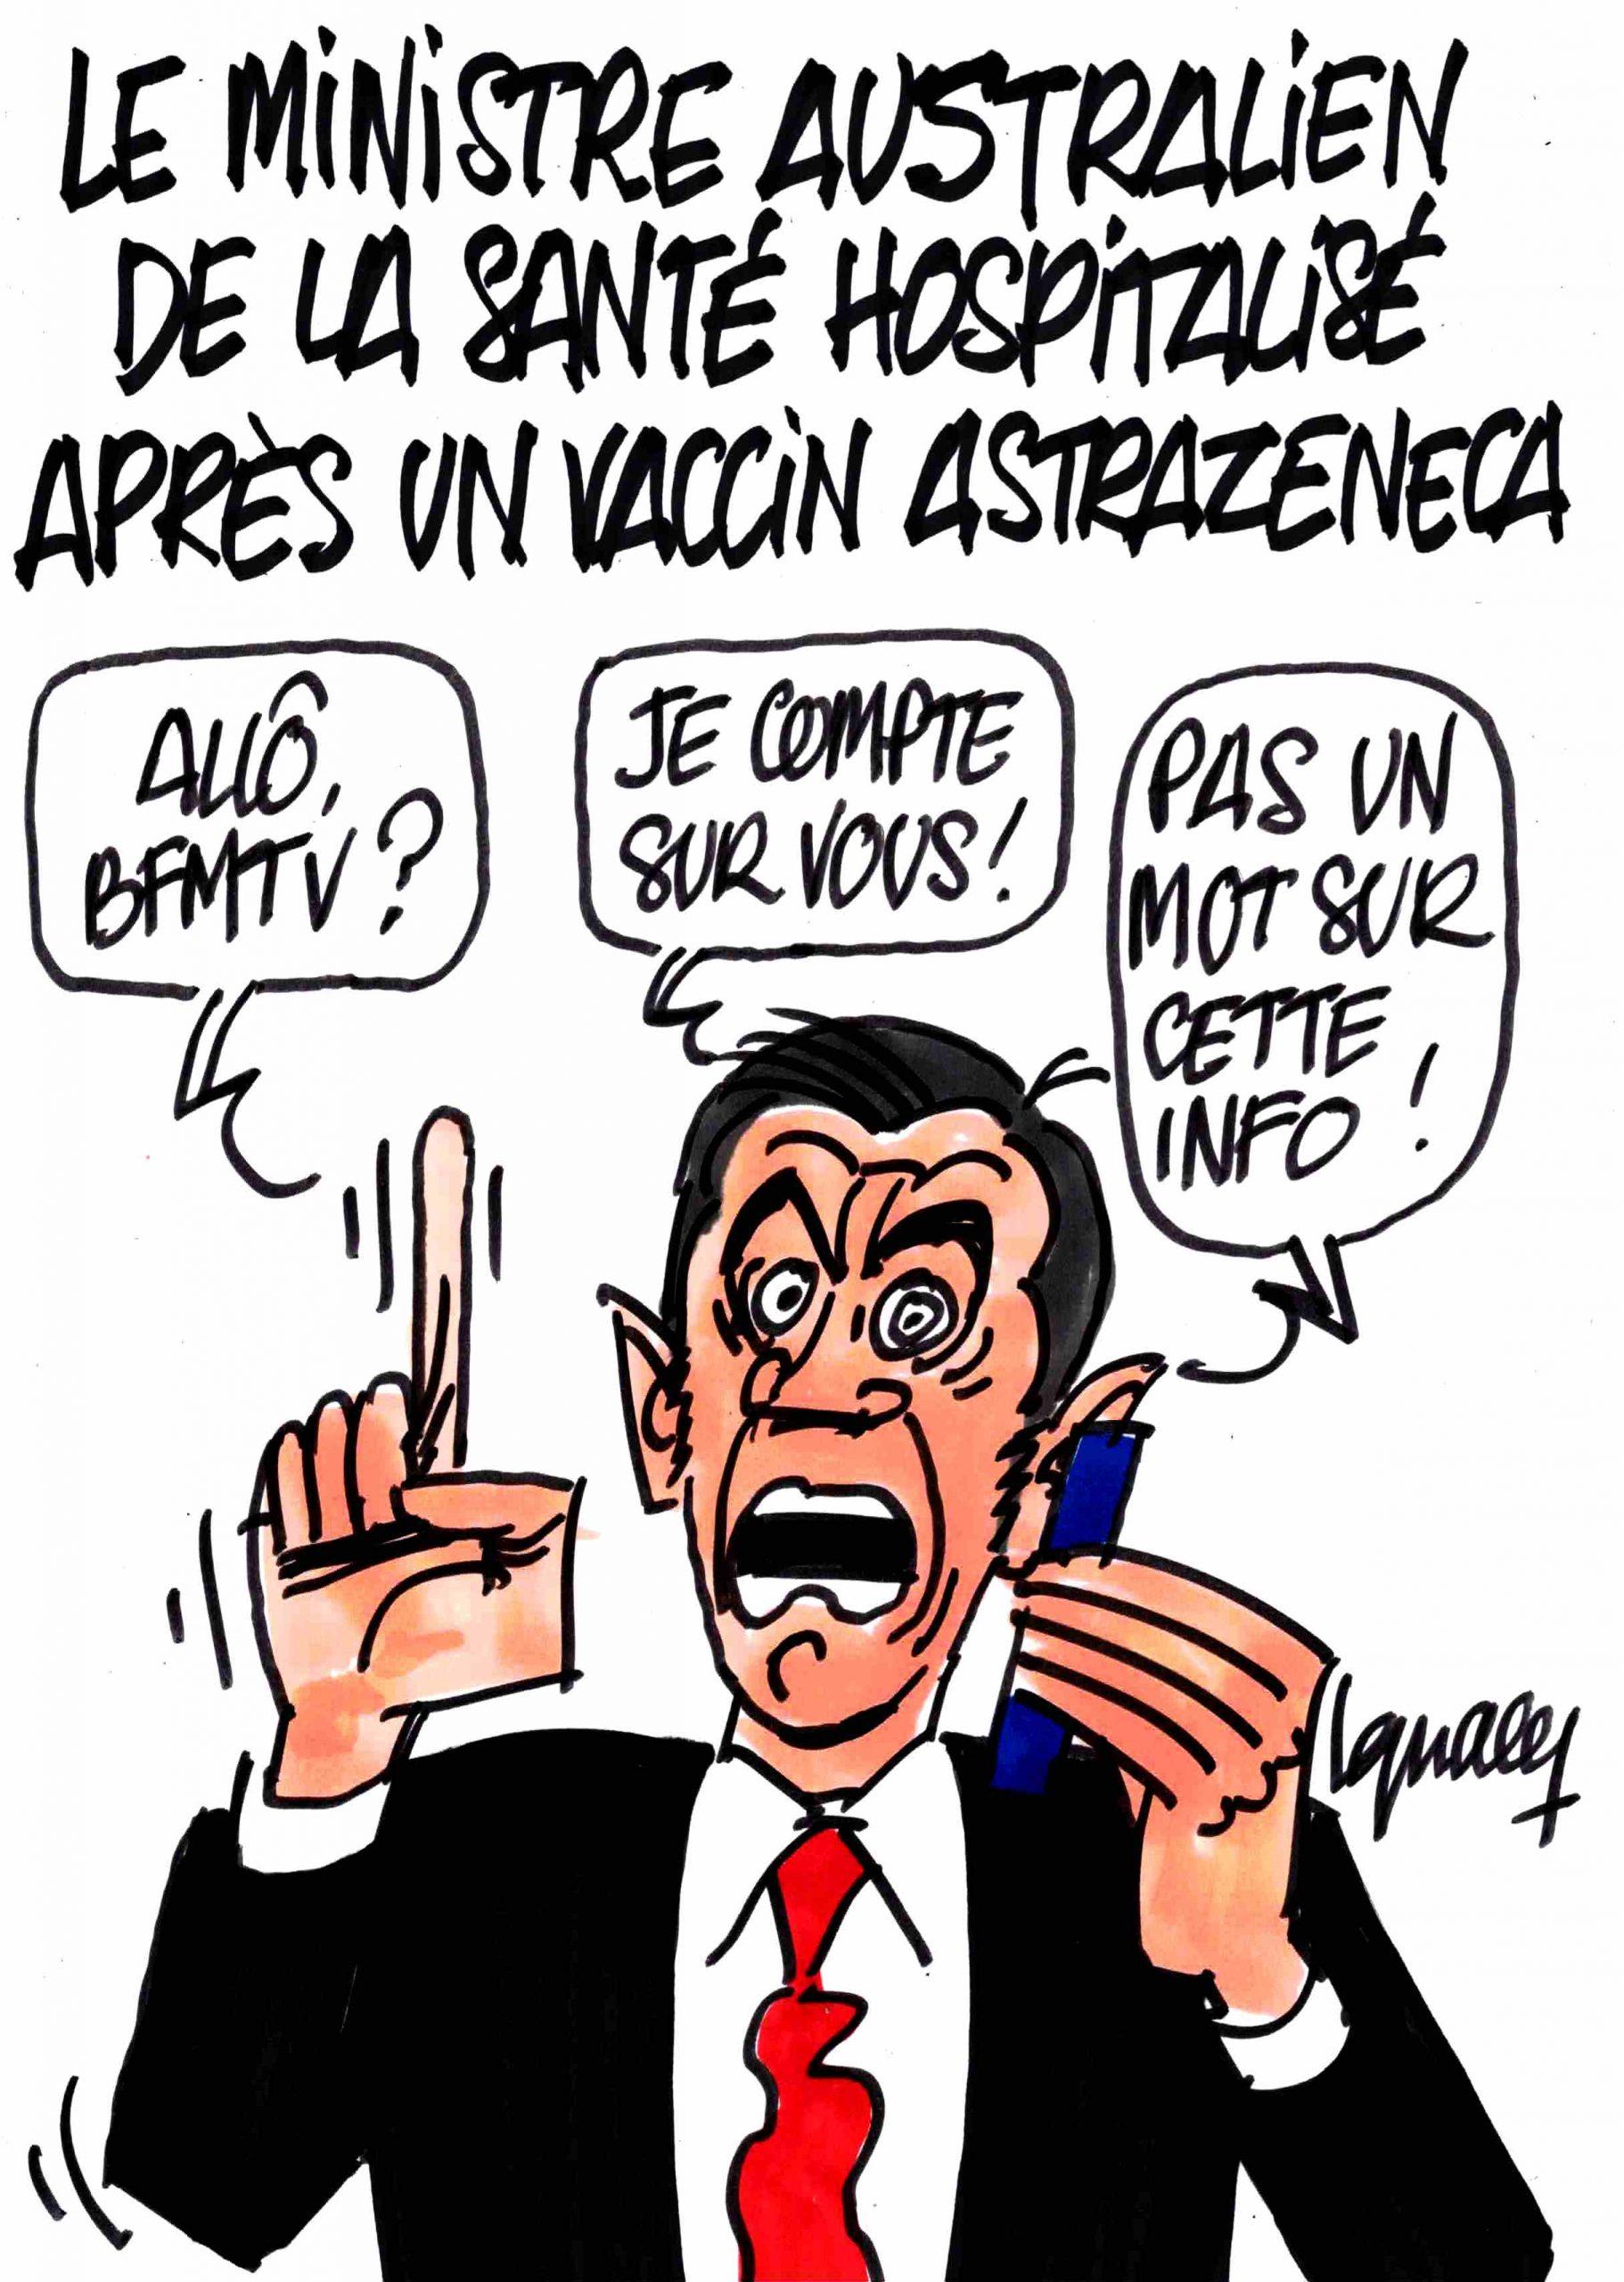 Ignace - Le ministre de la santé d'Australie vacciné à l'AstraZeneca